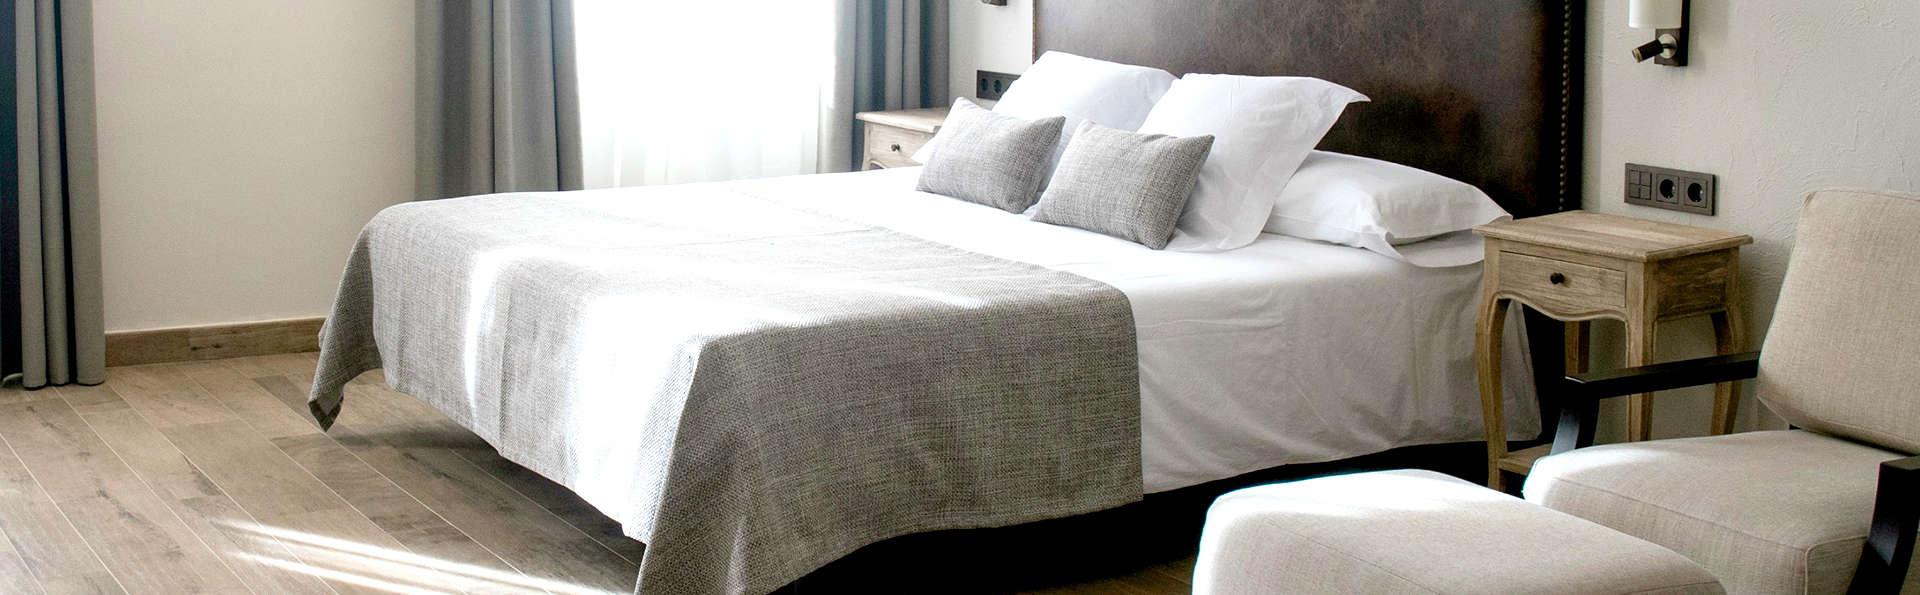 Romantisme 4* dans un bel hôtel à Arenys de mar en Catalogne